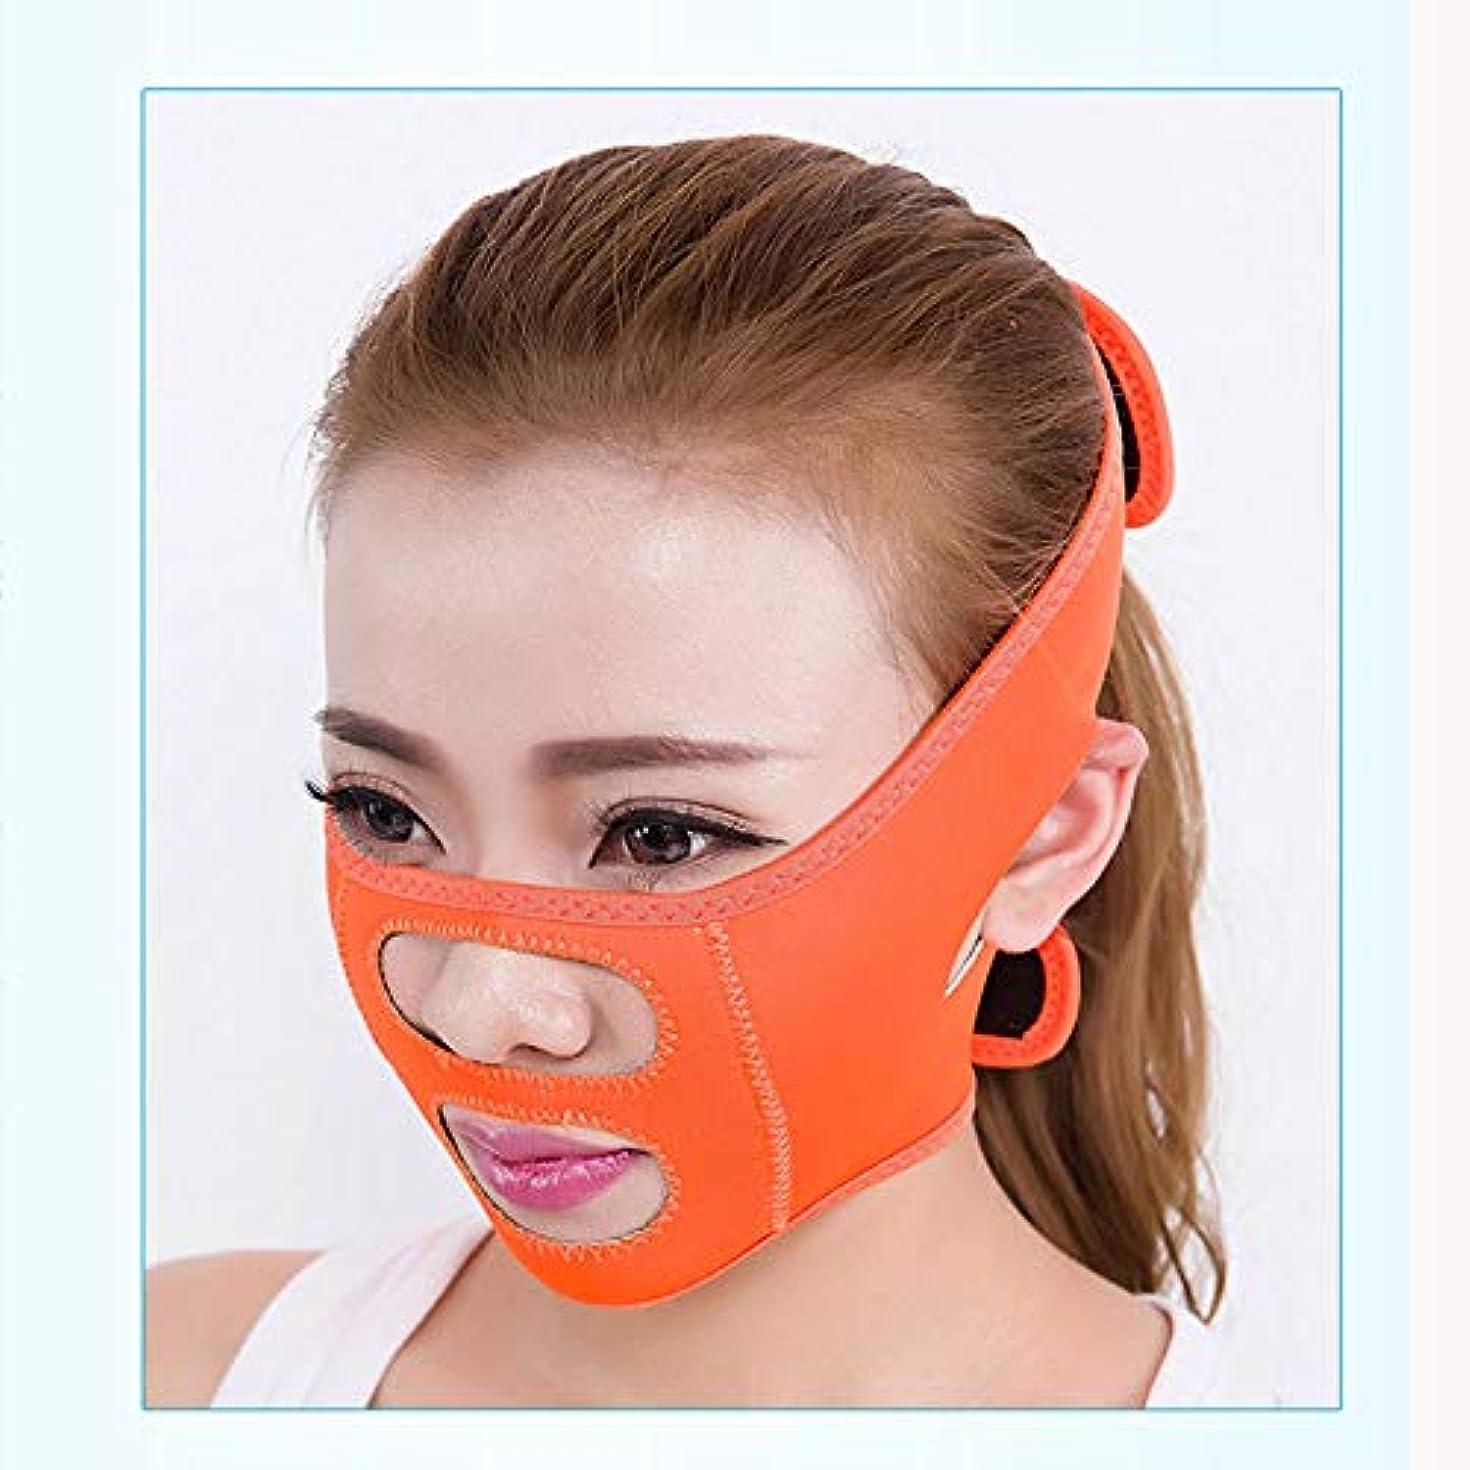 インサートパッドブレイズスモールVフェイス睡眠薄い顔ベルト、引き締めと薄い顔の強力な持ち上がる二重あご顔修正包帯,Orange